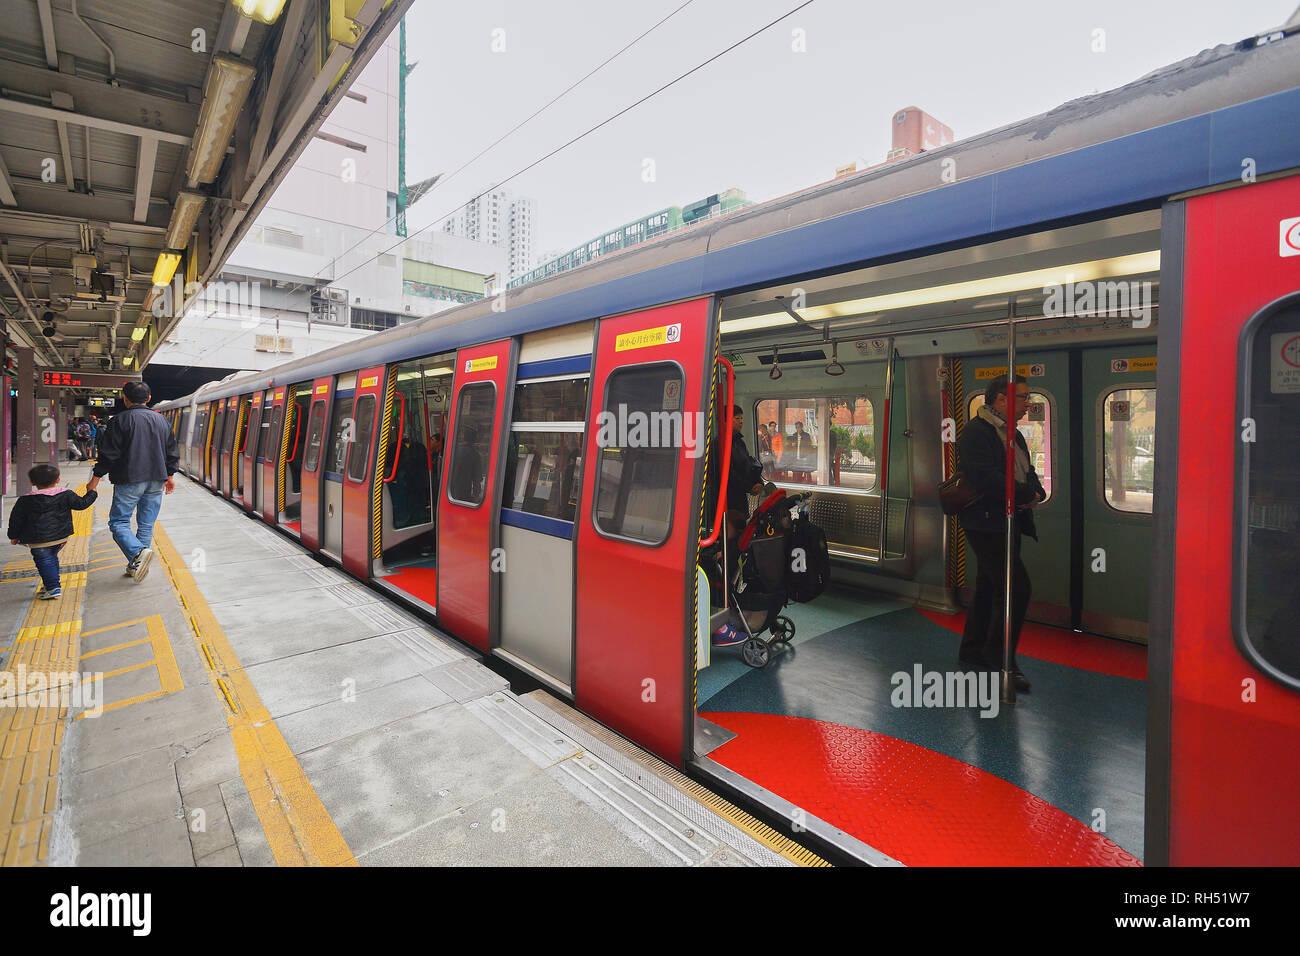 HONG KONG - DECEMBER 26, 2015: The Mass Transit Railway